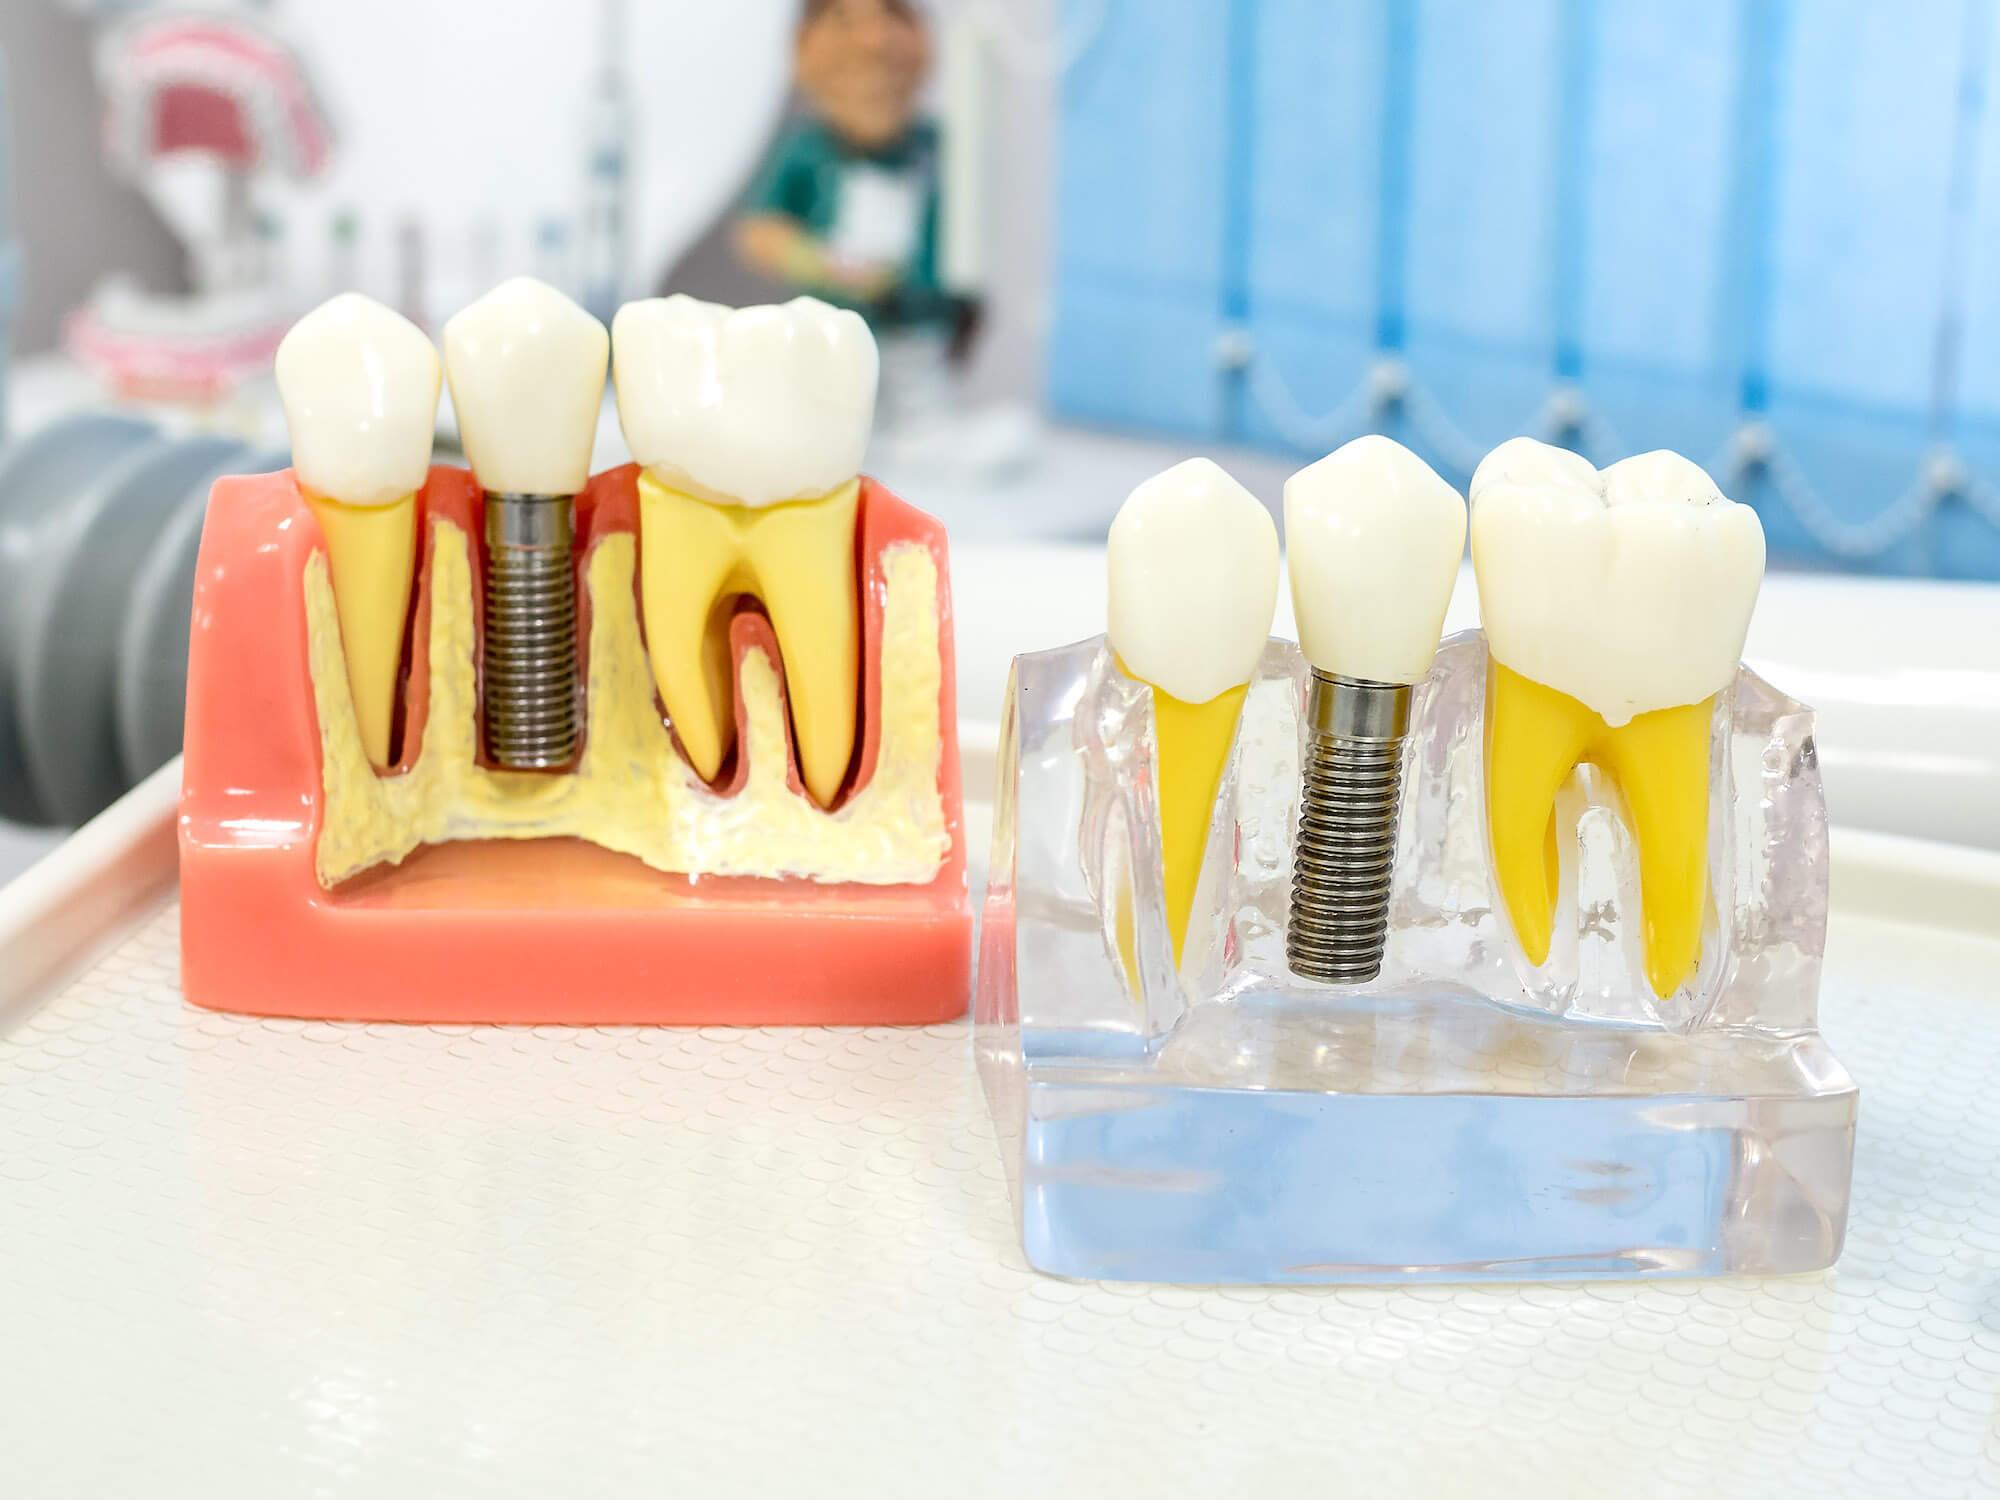 Как правильно ухаживать за имплантами зубов, рекомендации врача